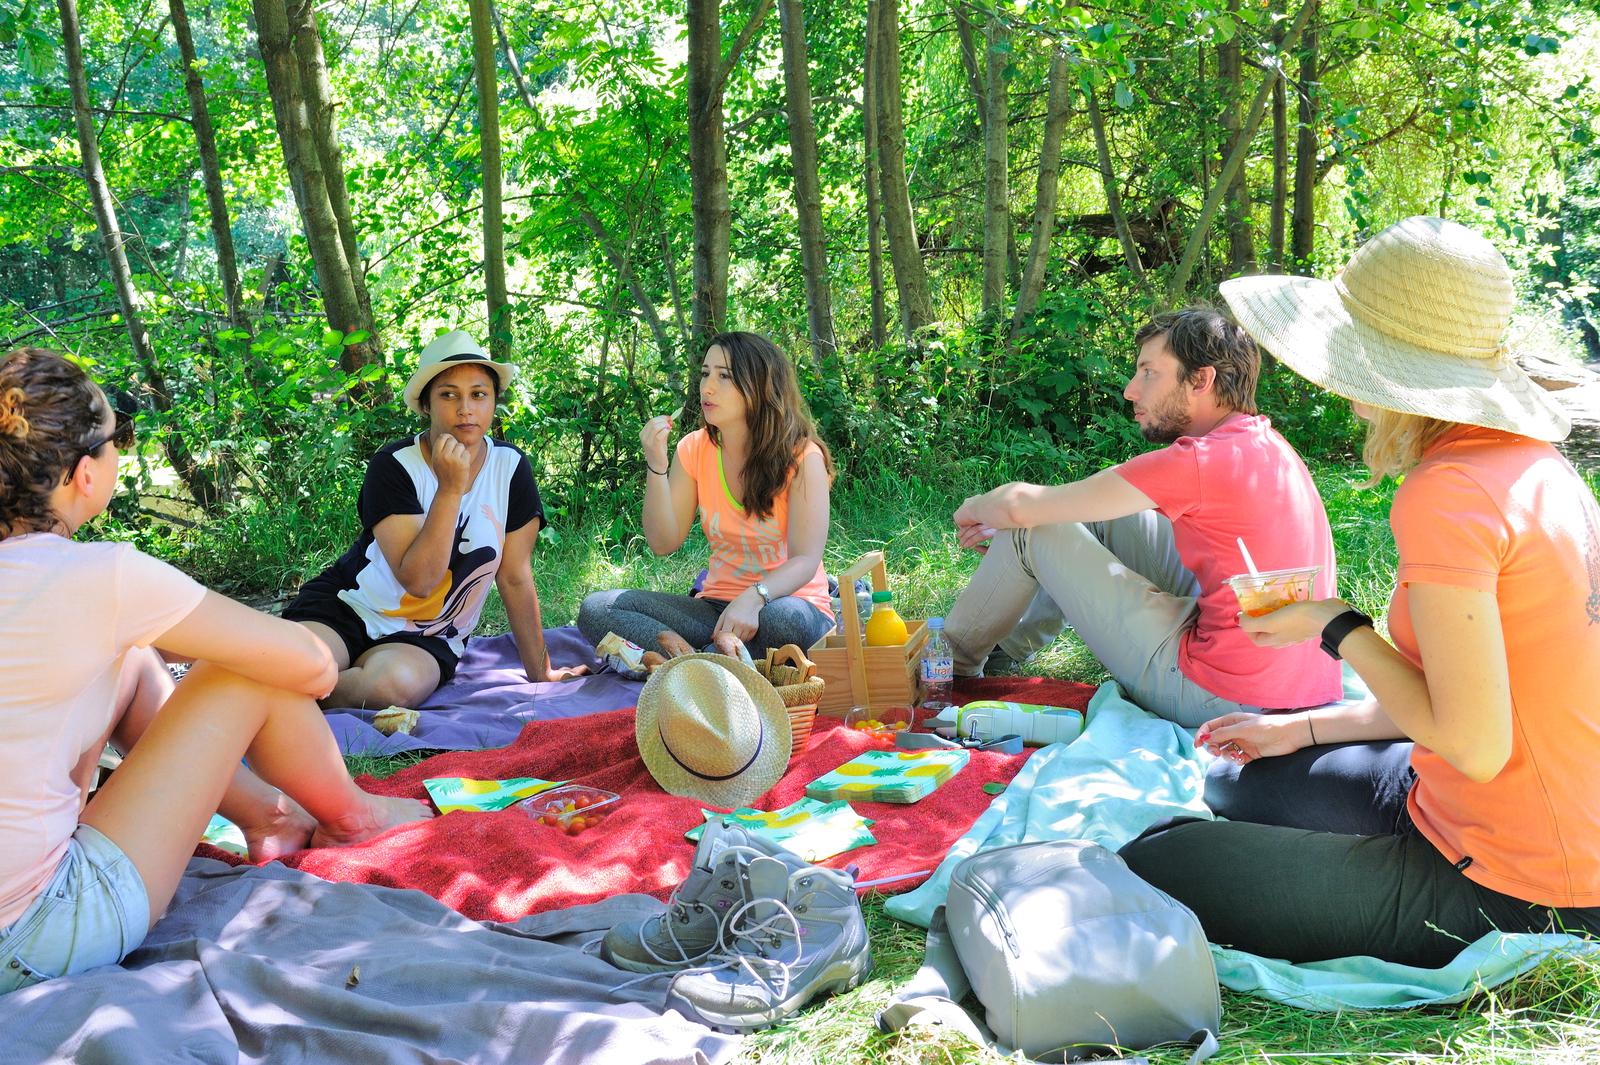 Forêt domaniale de la Malmaison%252C pique-nique de randonneurs. été 2016 Randonneurs avec carte%252C sur les berges de la Seine%252C Rueil-Malmaison%252C été 2016.